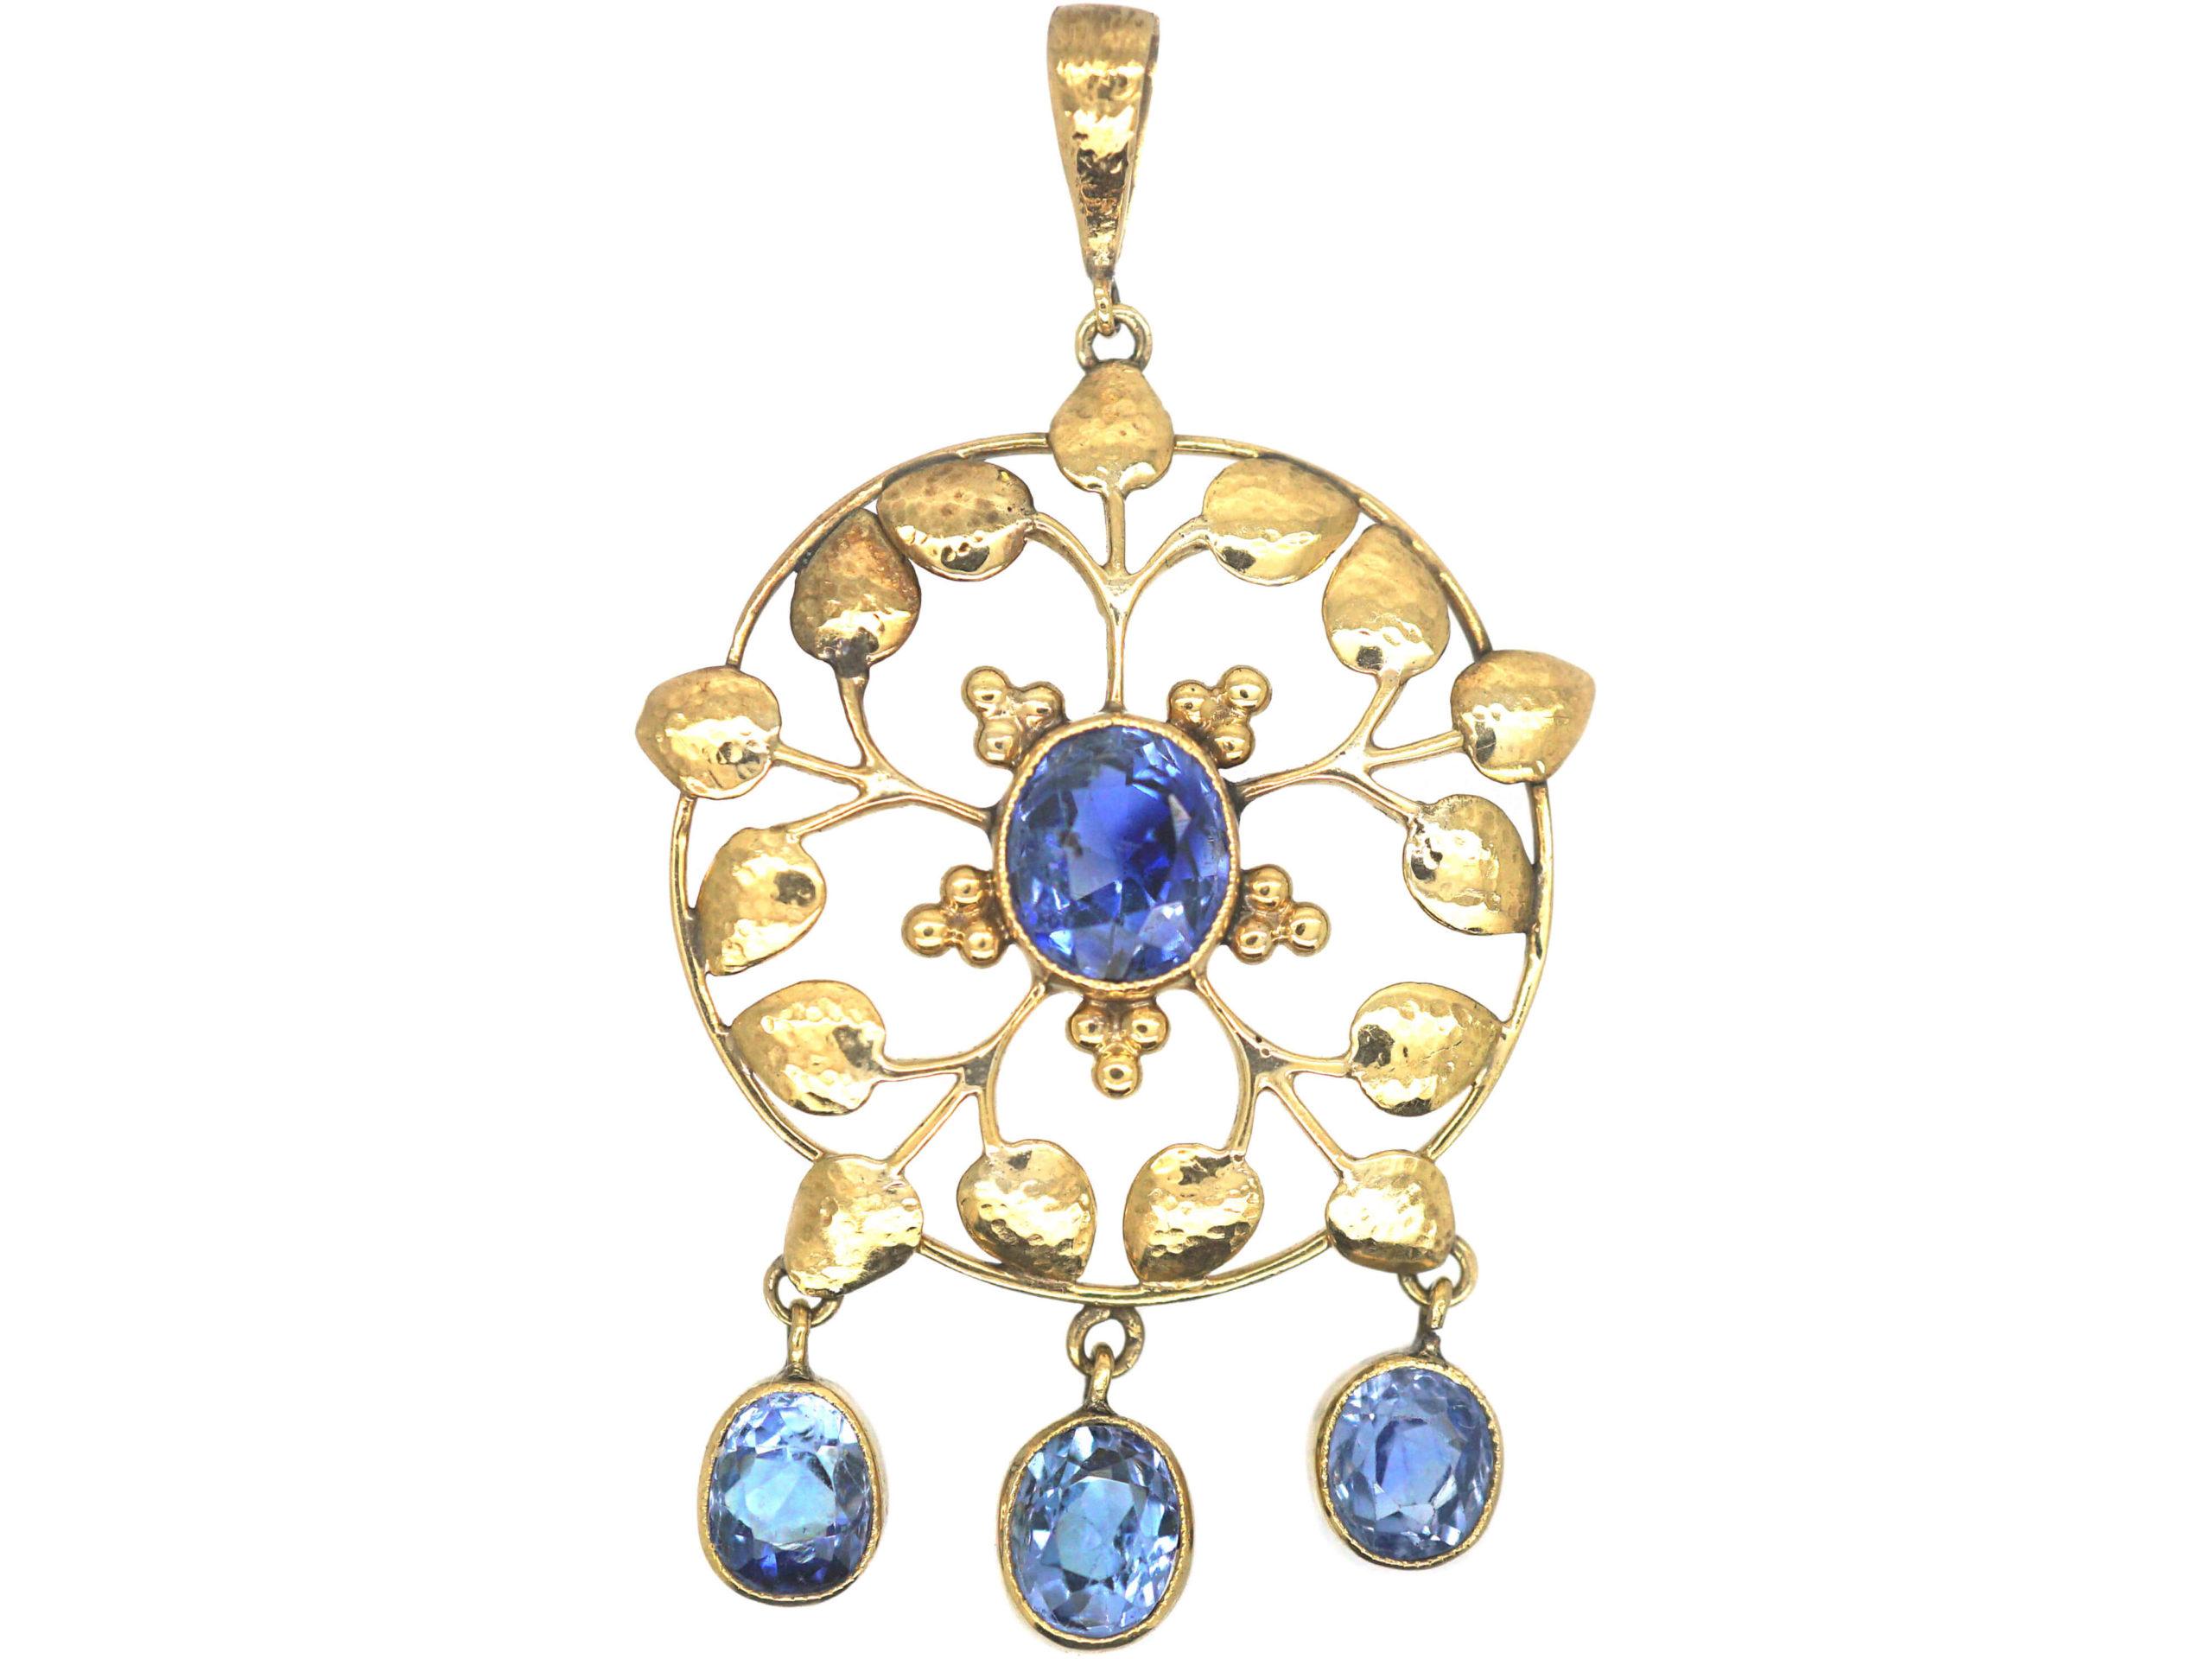 Art Nouveau 15ct Gold & Sapphire Pendant